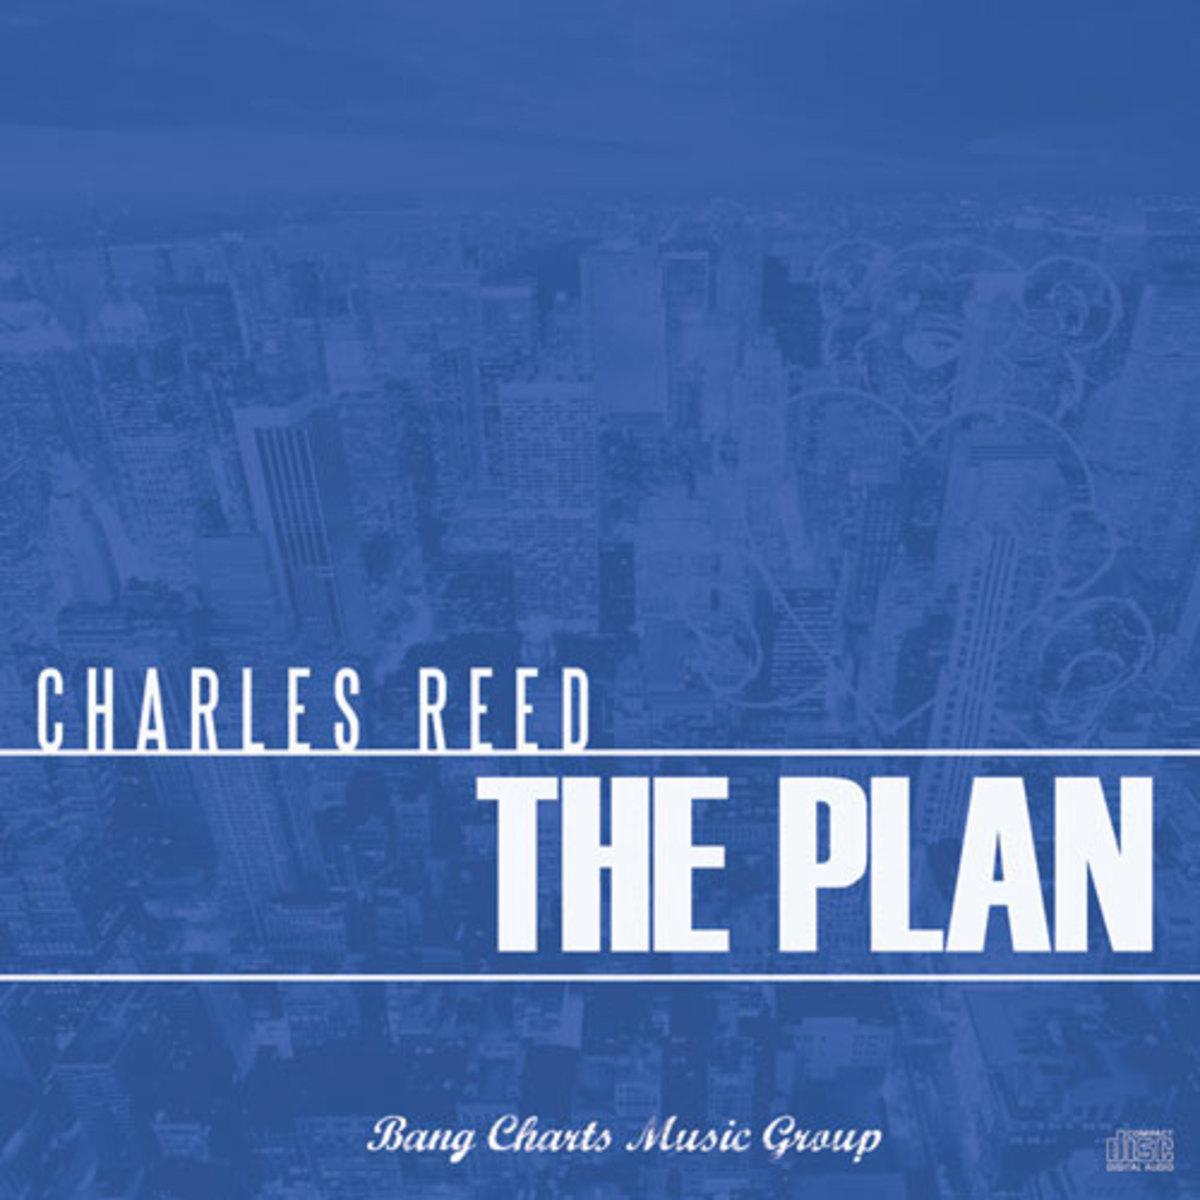 charlesreed-theplan.jpg